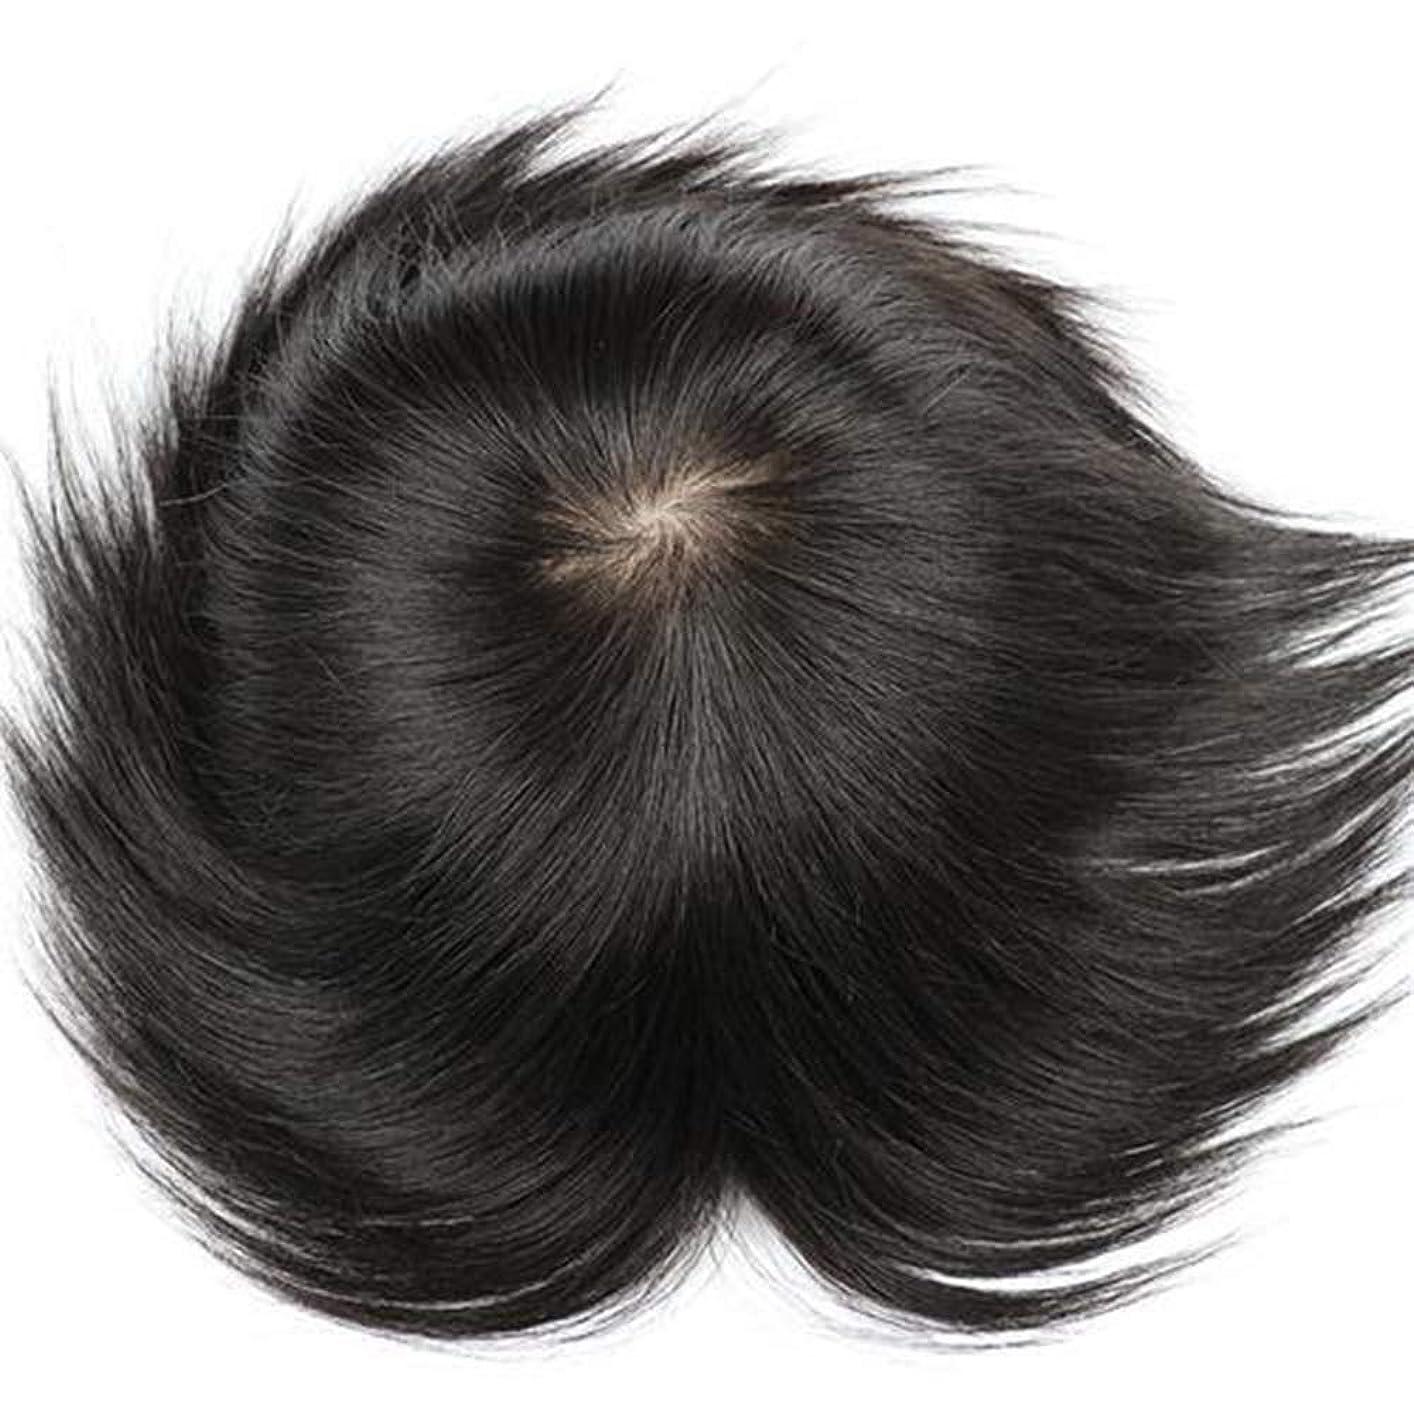 起こりやすい適応忘れっぽいYrattary 男性用本物のヘアライトウィッグかつらヘッドトップコスプレパーティードレスファッションかつら (Color : Natural black, サイズ : 18x20)